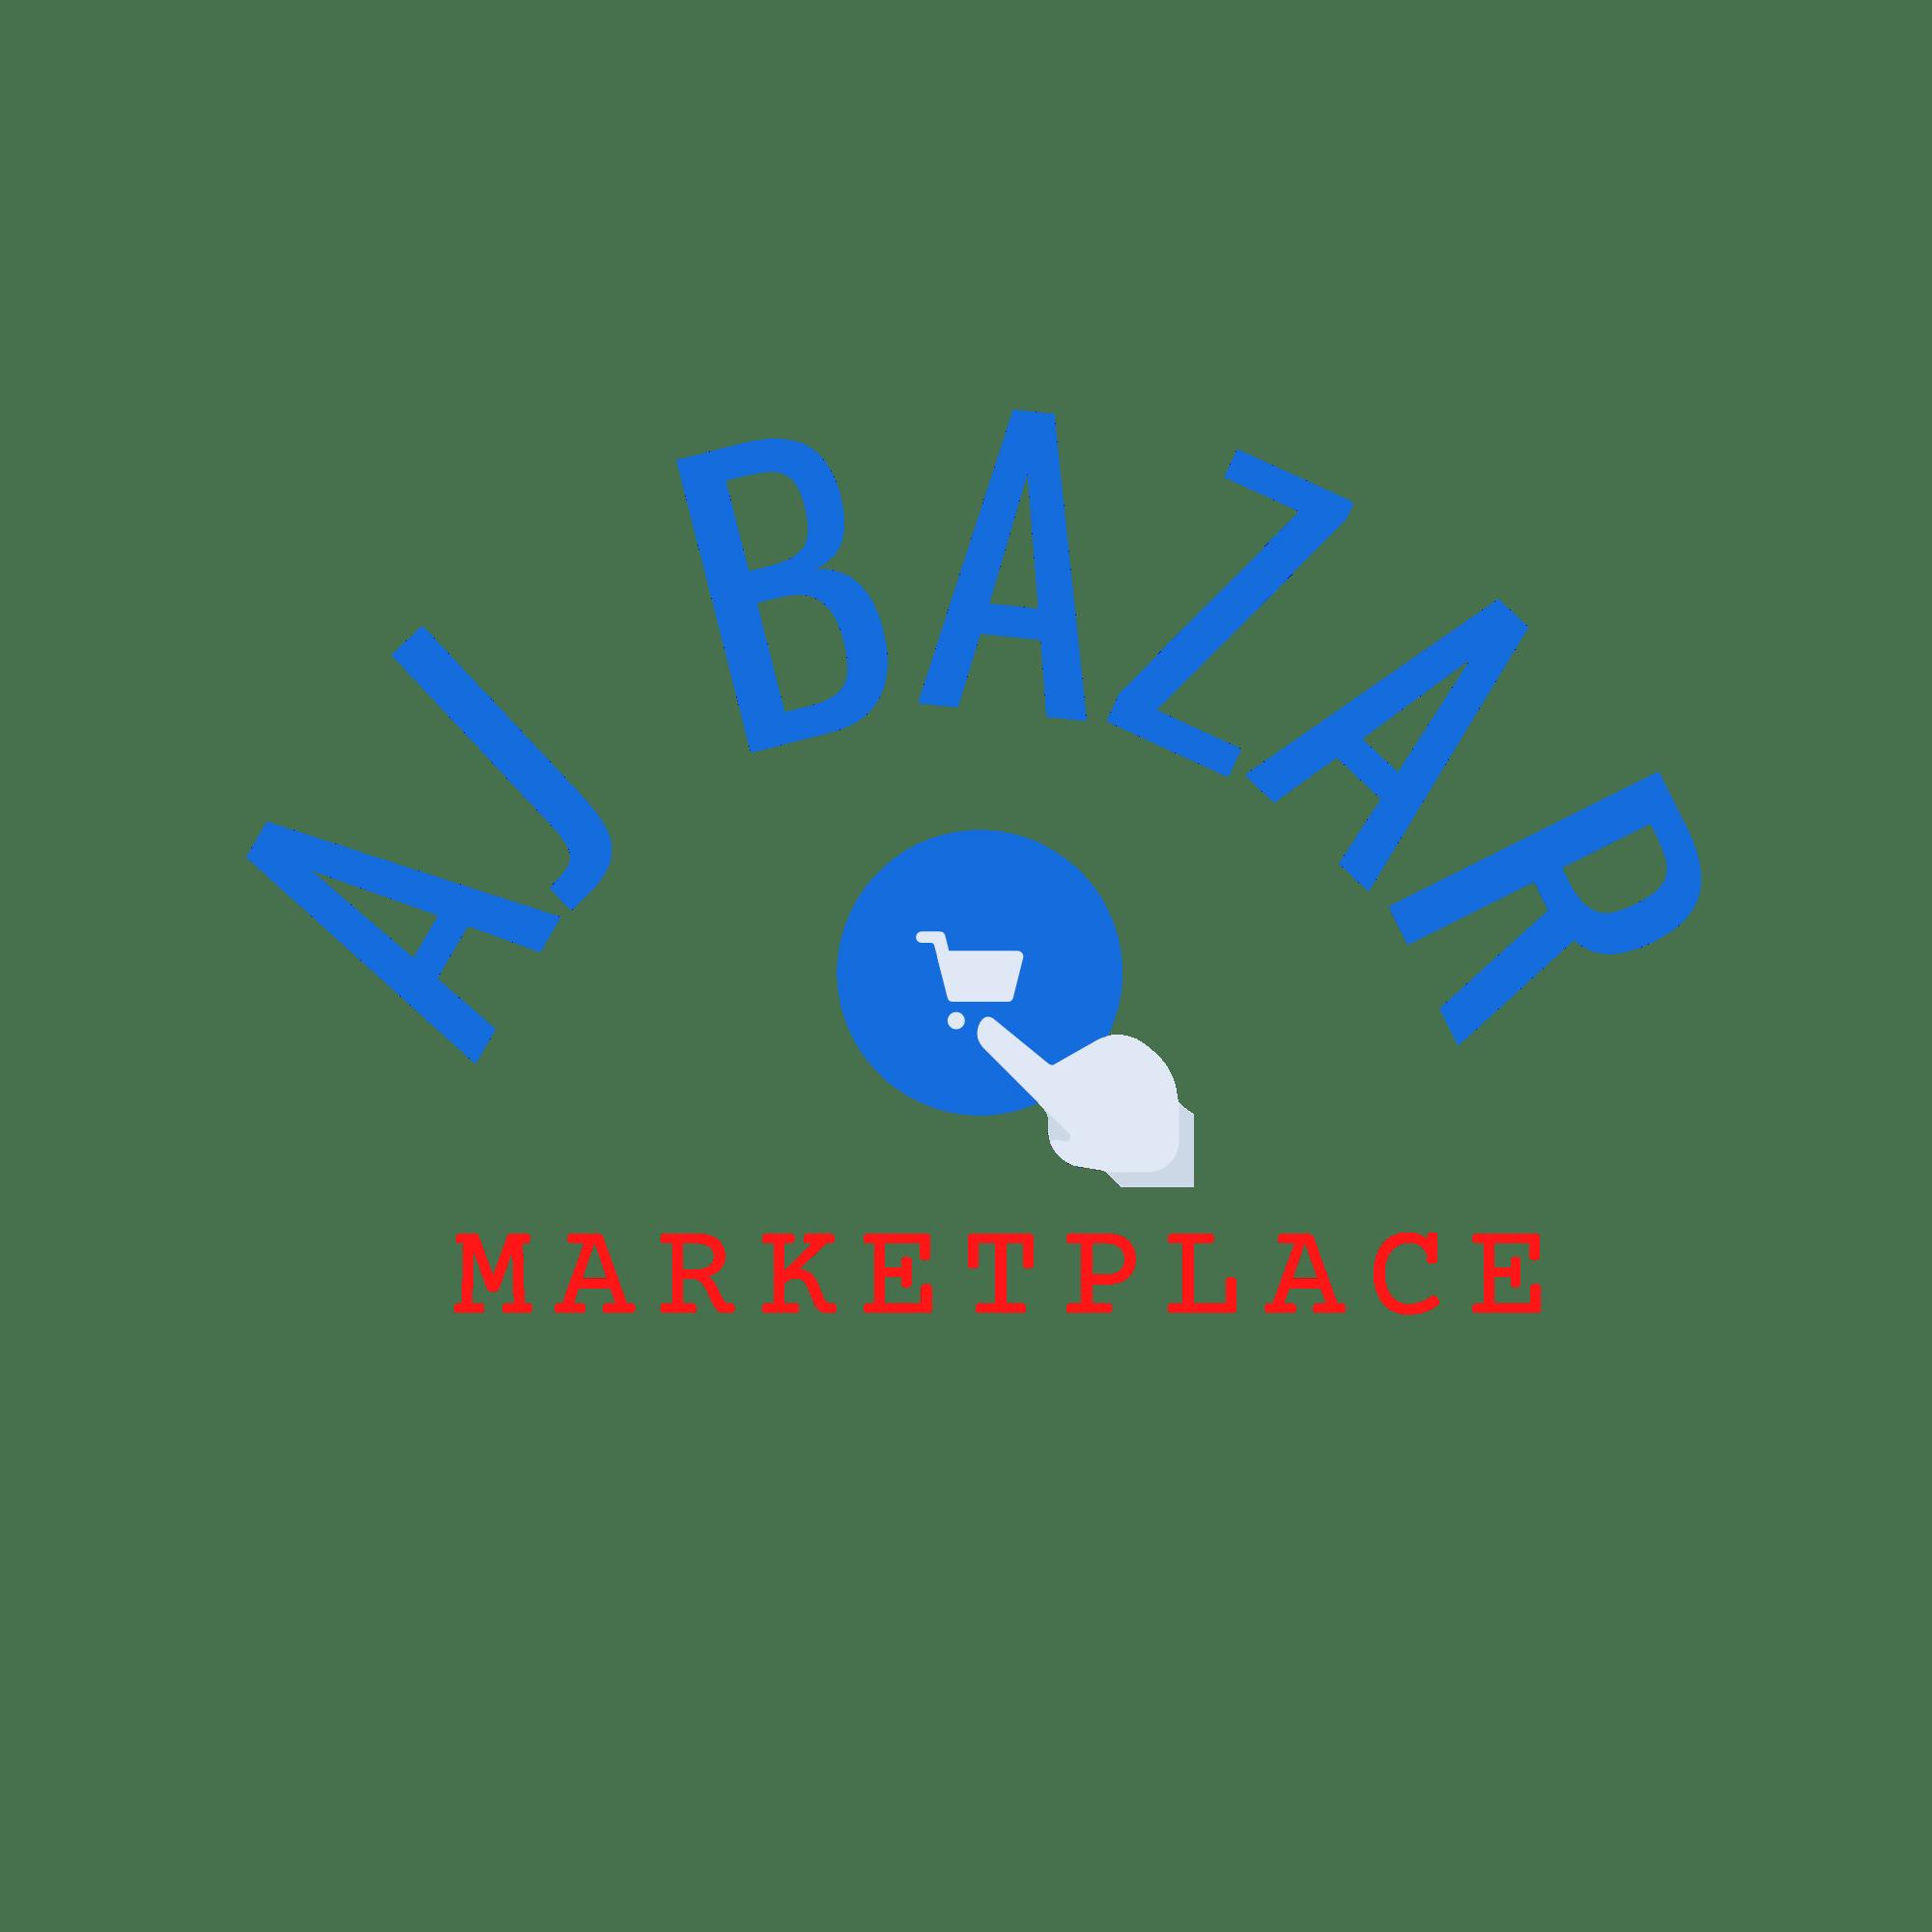 AJ Bazar Marketplace